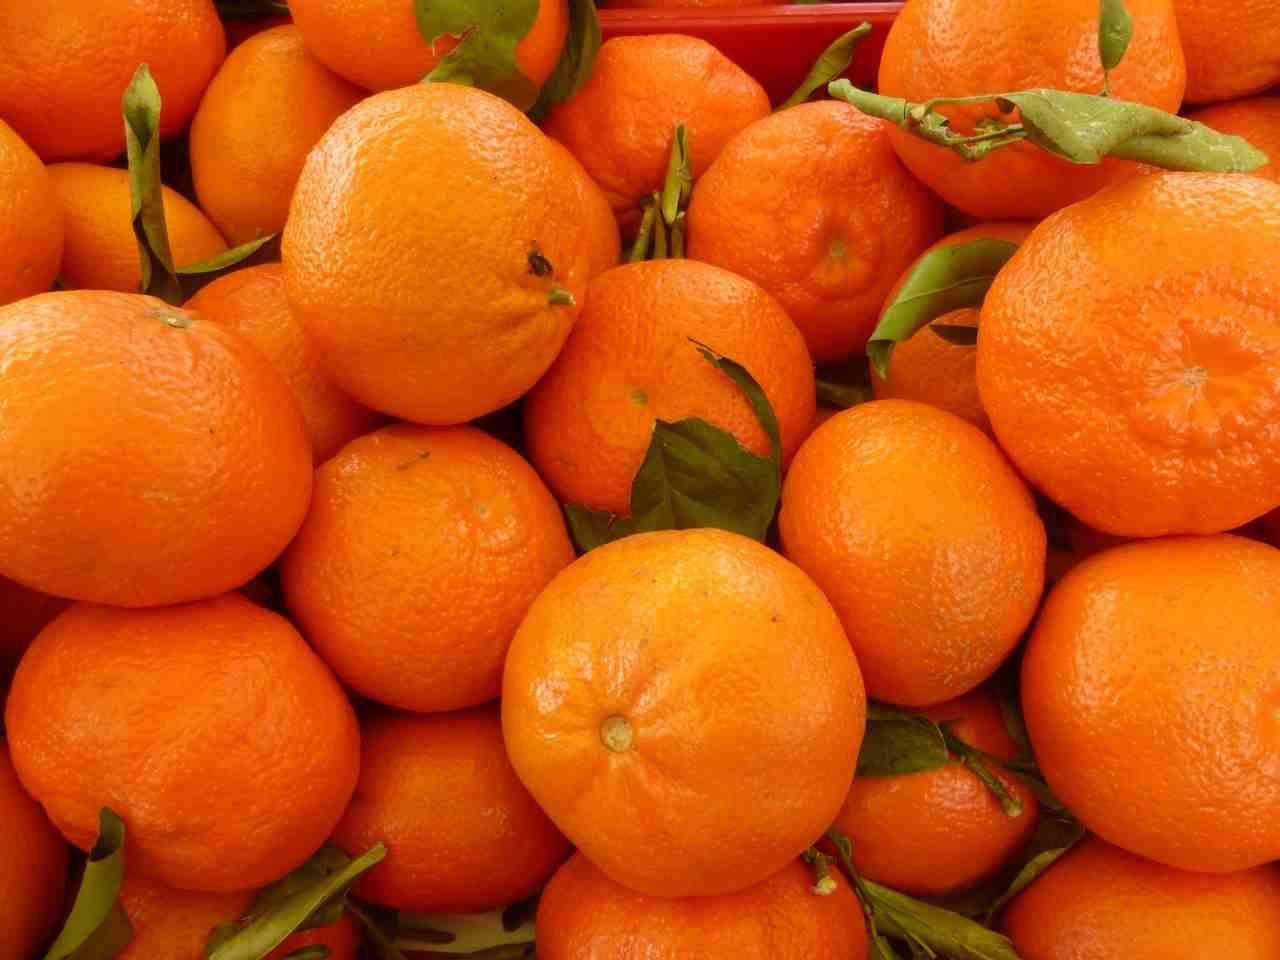 «Абхазские» мандарины в Новороссийск приходят из разных стран